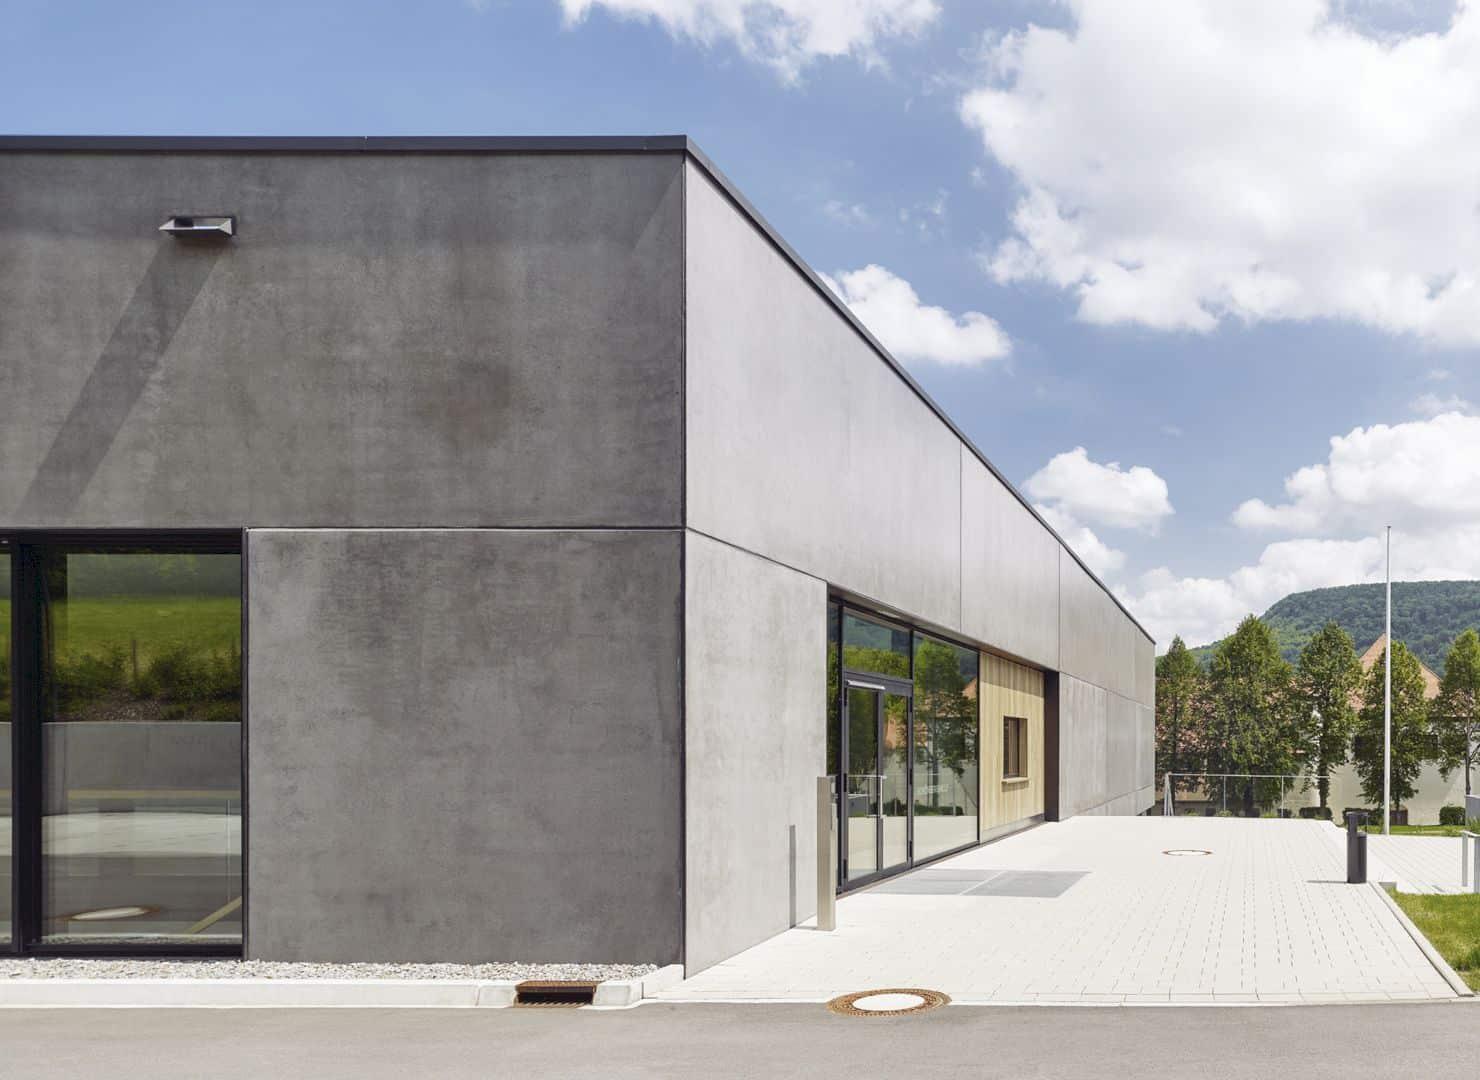 Schönberghalle A Multifunctional Gymnasium In Swabian Alps 7